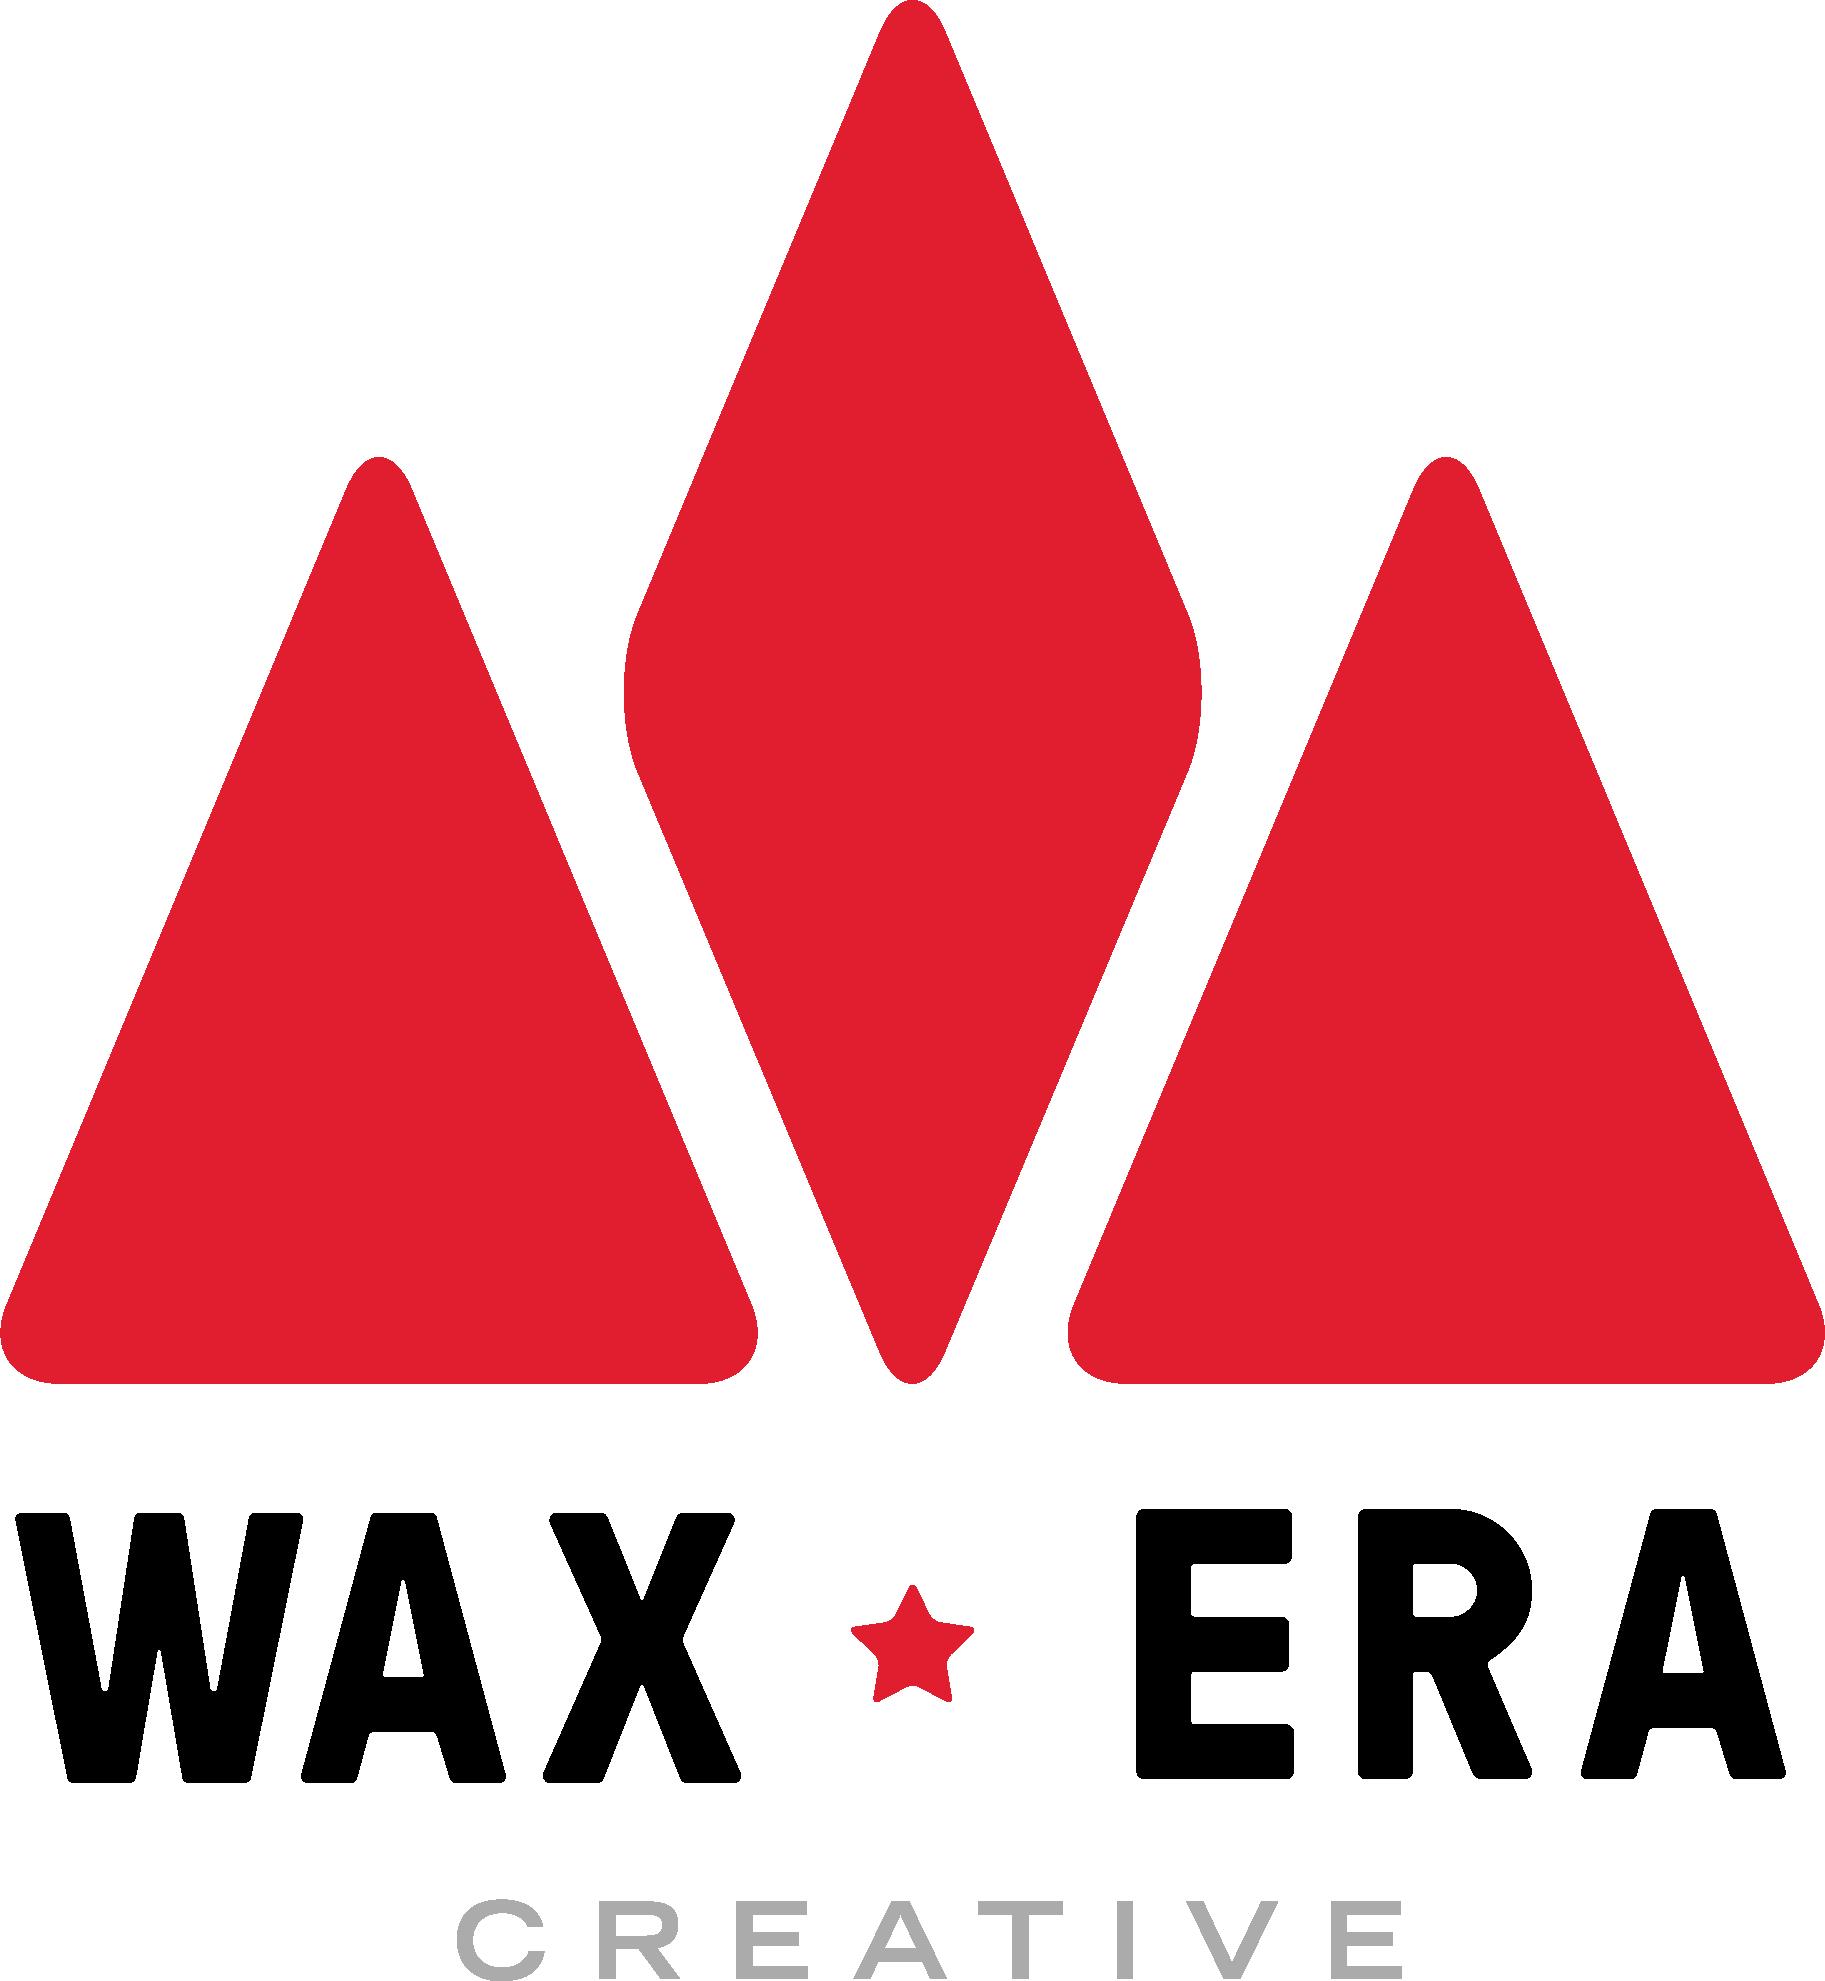 Wax Era